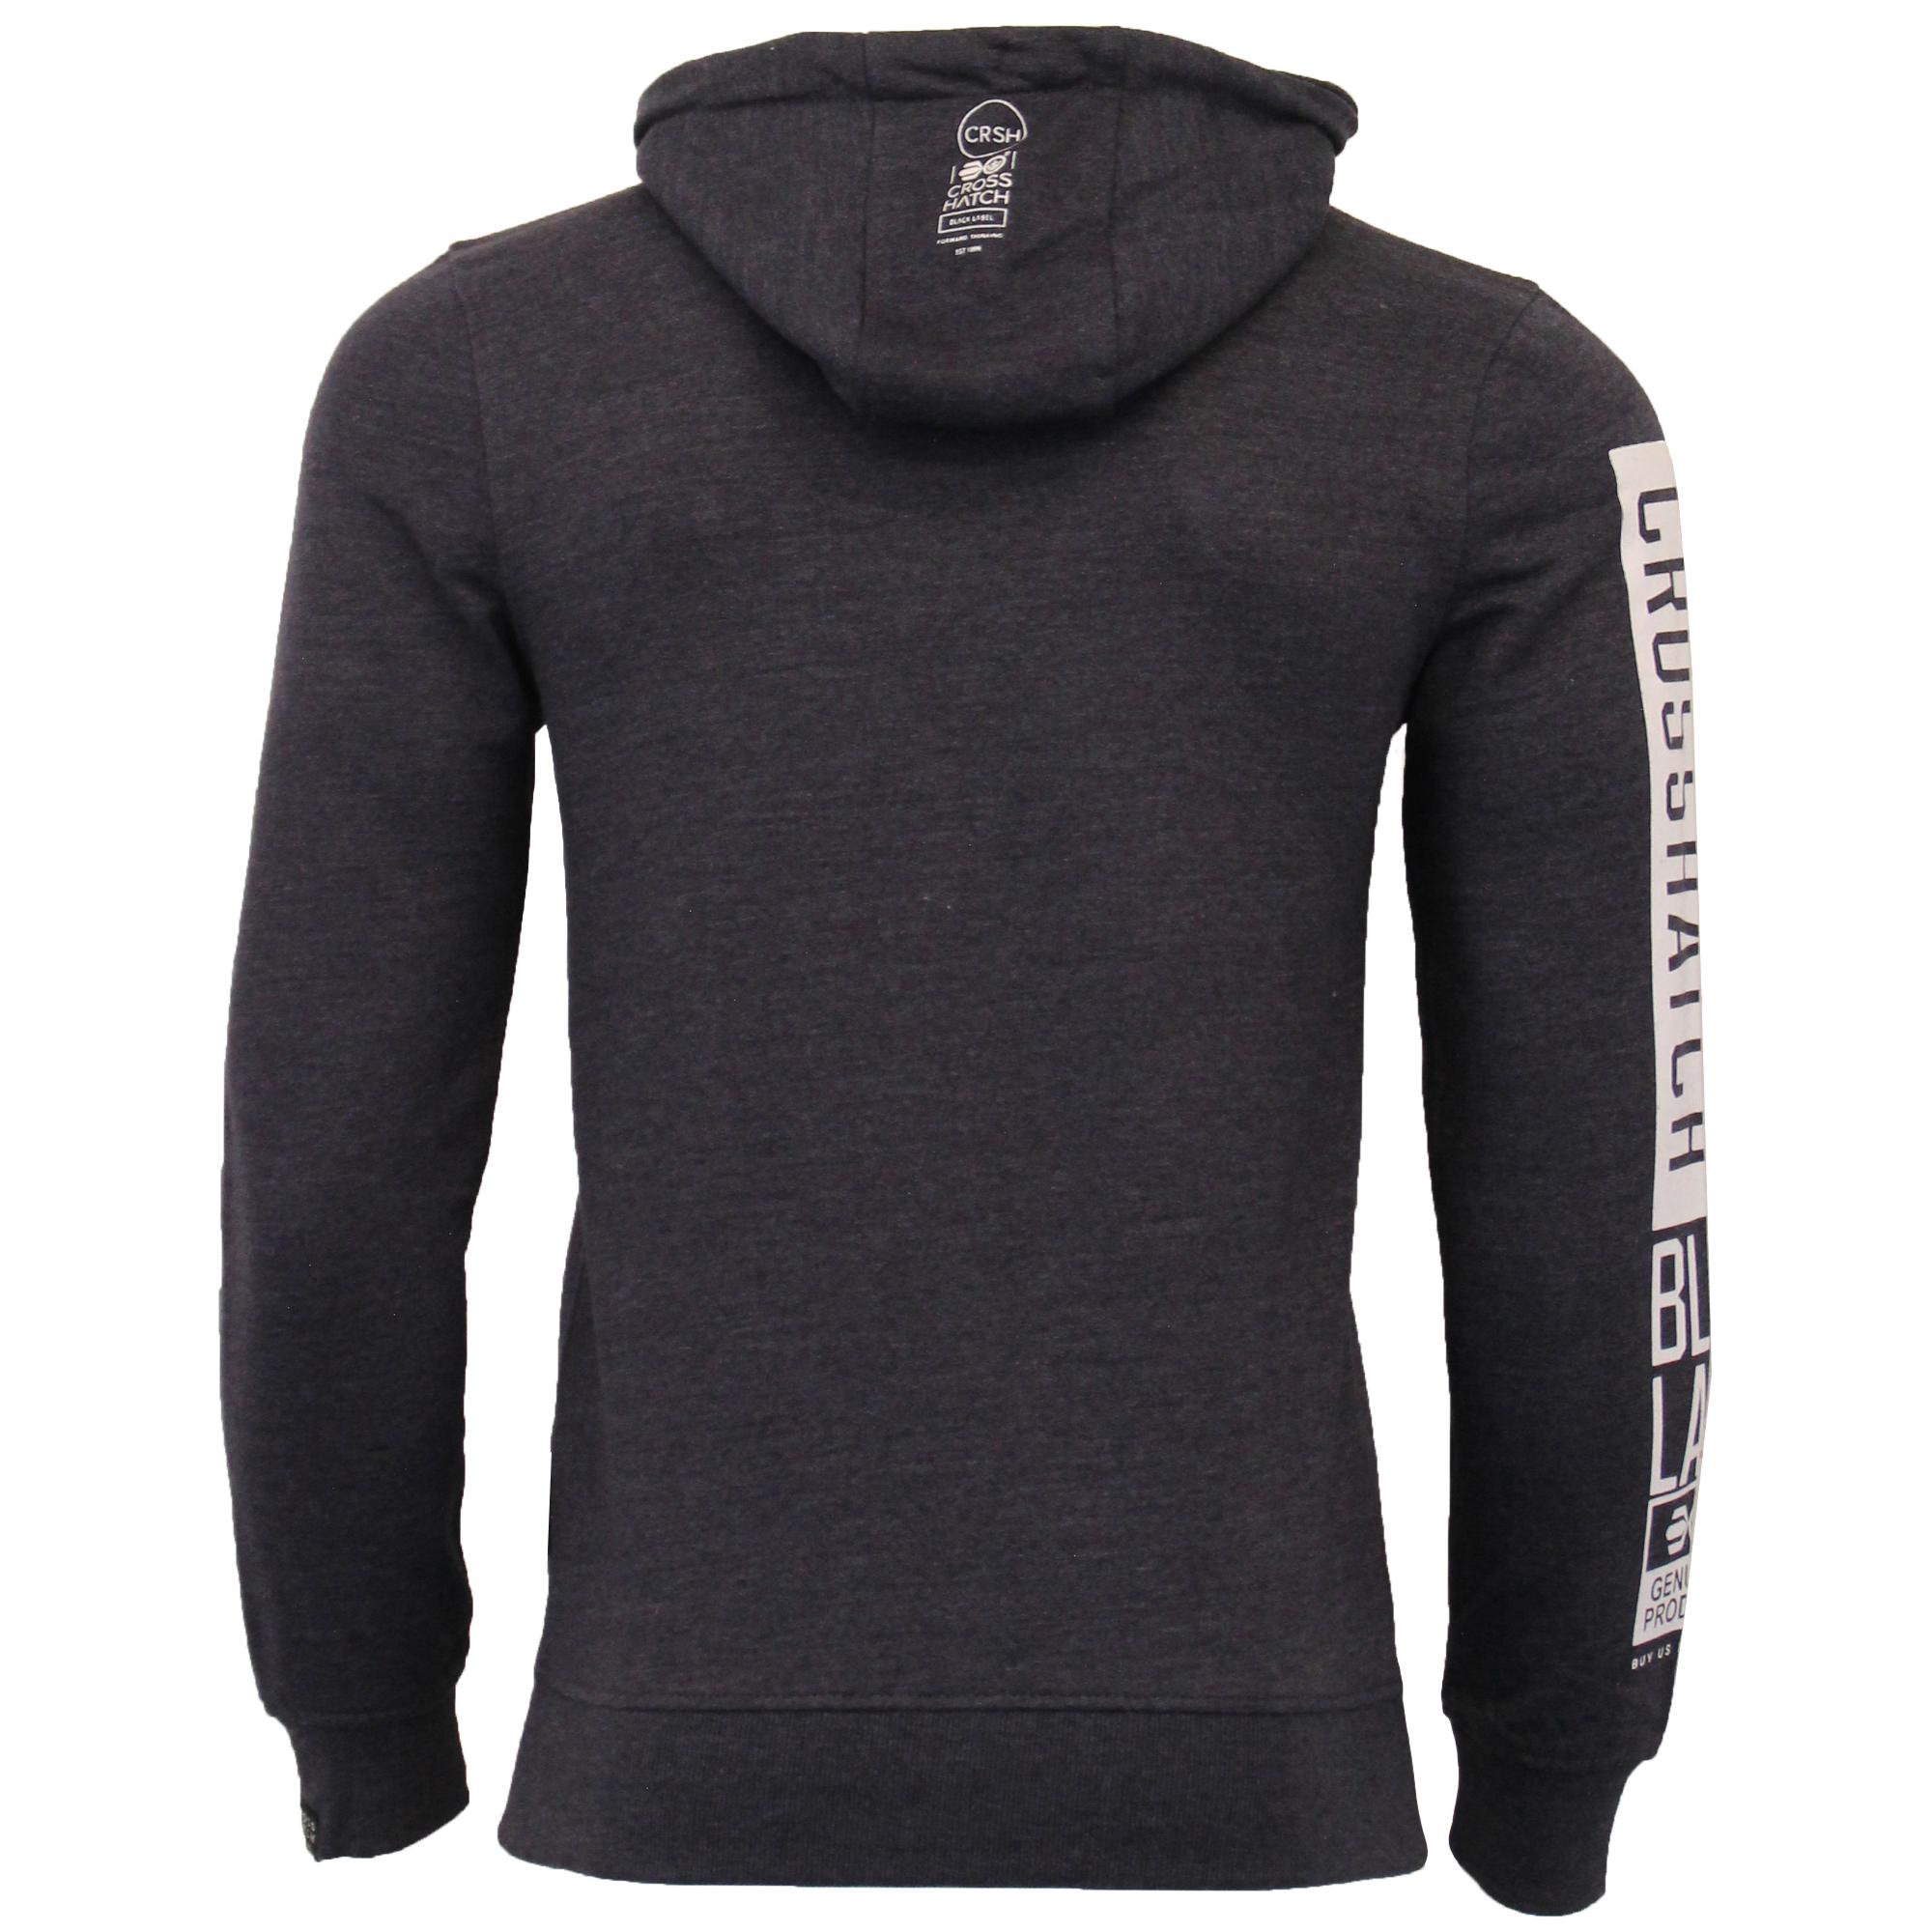 Mens-Sweatshirt-Crosshatch-Over-The-Head-Hoodie-Printed-Zip-Pullover-Top-Fleece thumbnail 21